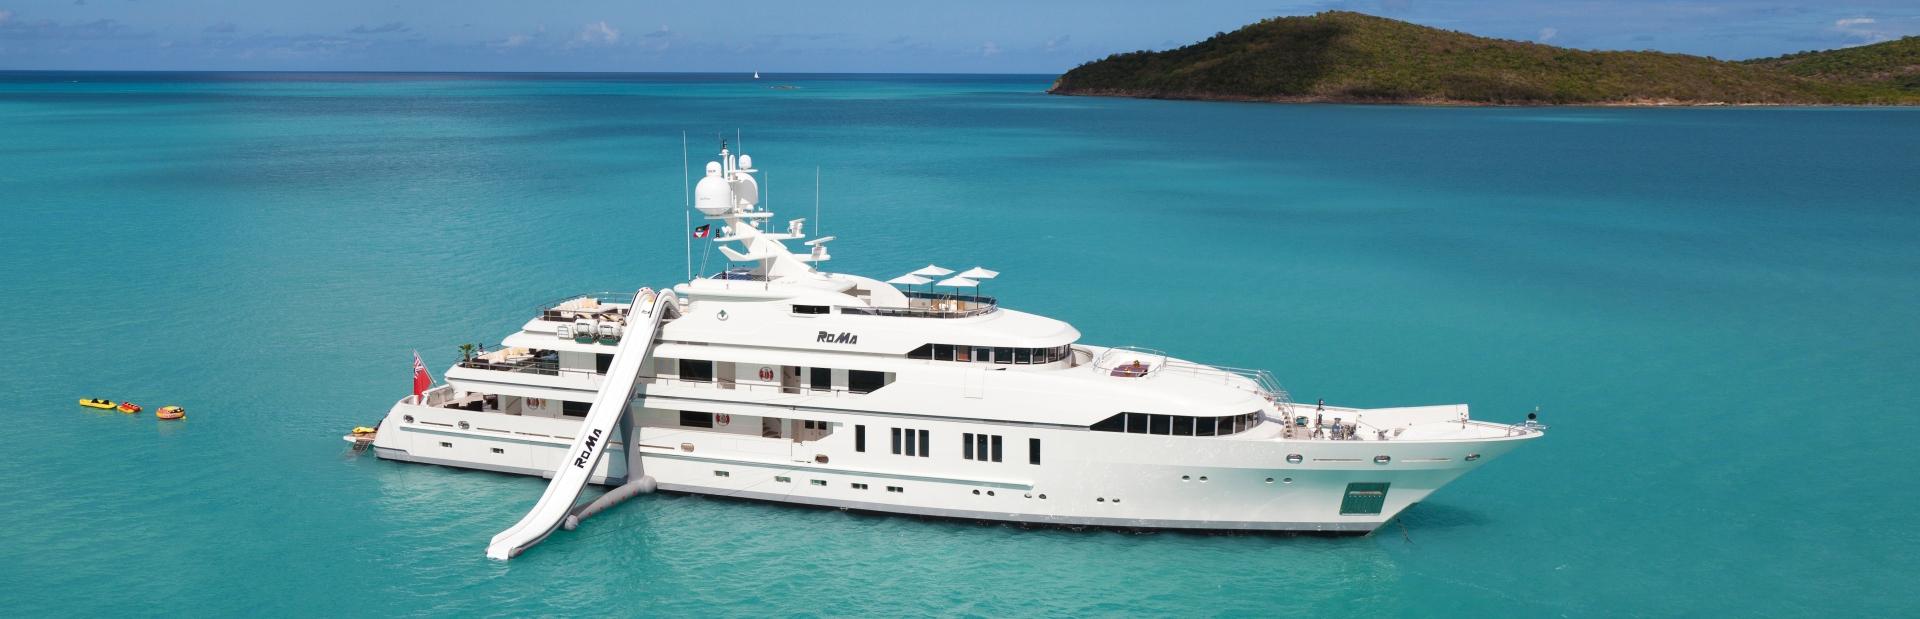 Target 6000 yacht hingga 2019 akan digenjot pemerintah Indonesia